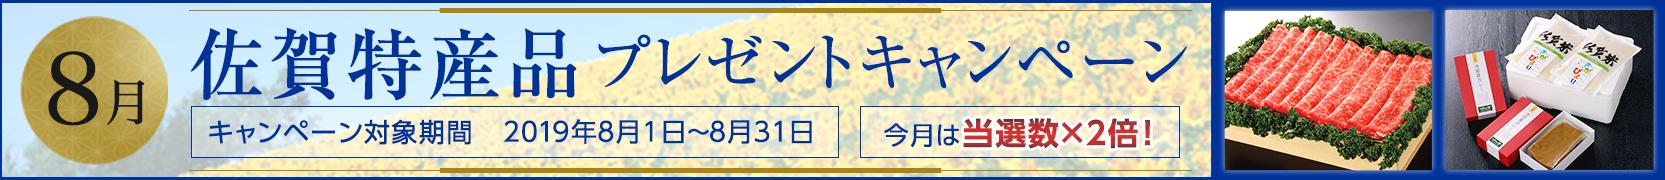 佐賀県特産品プレゼントキャンペーン8月